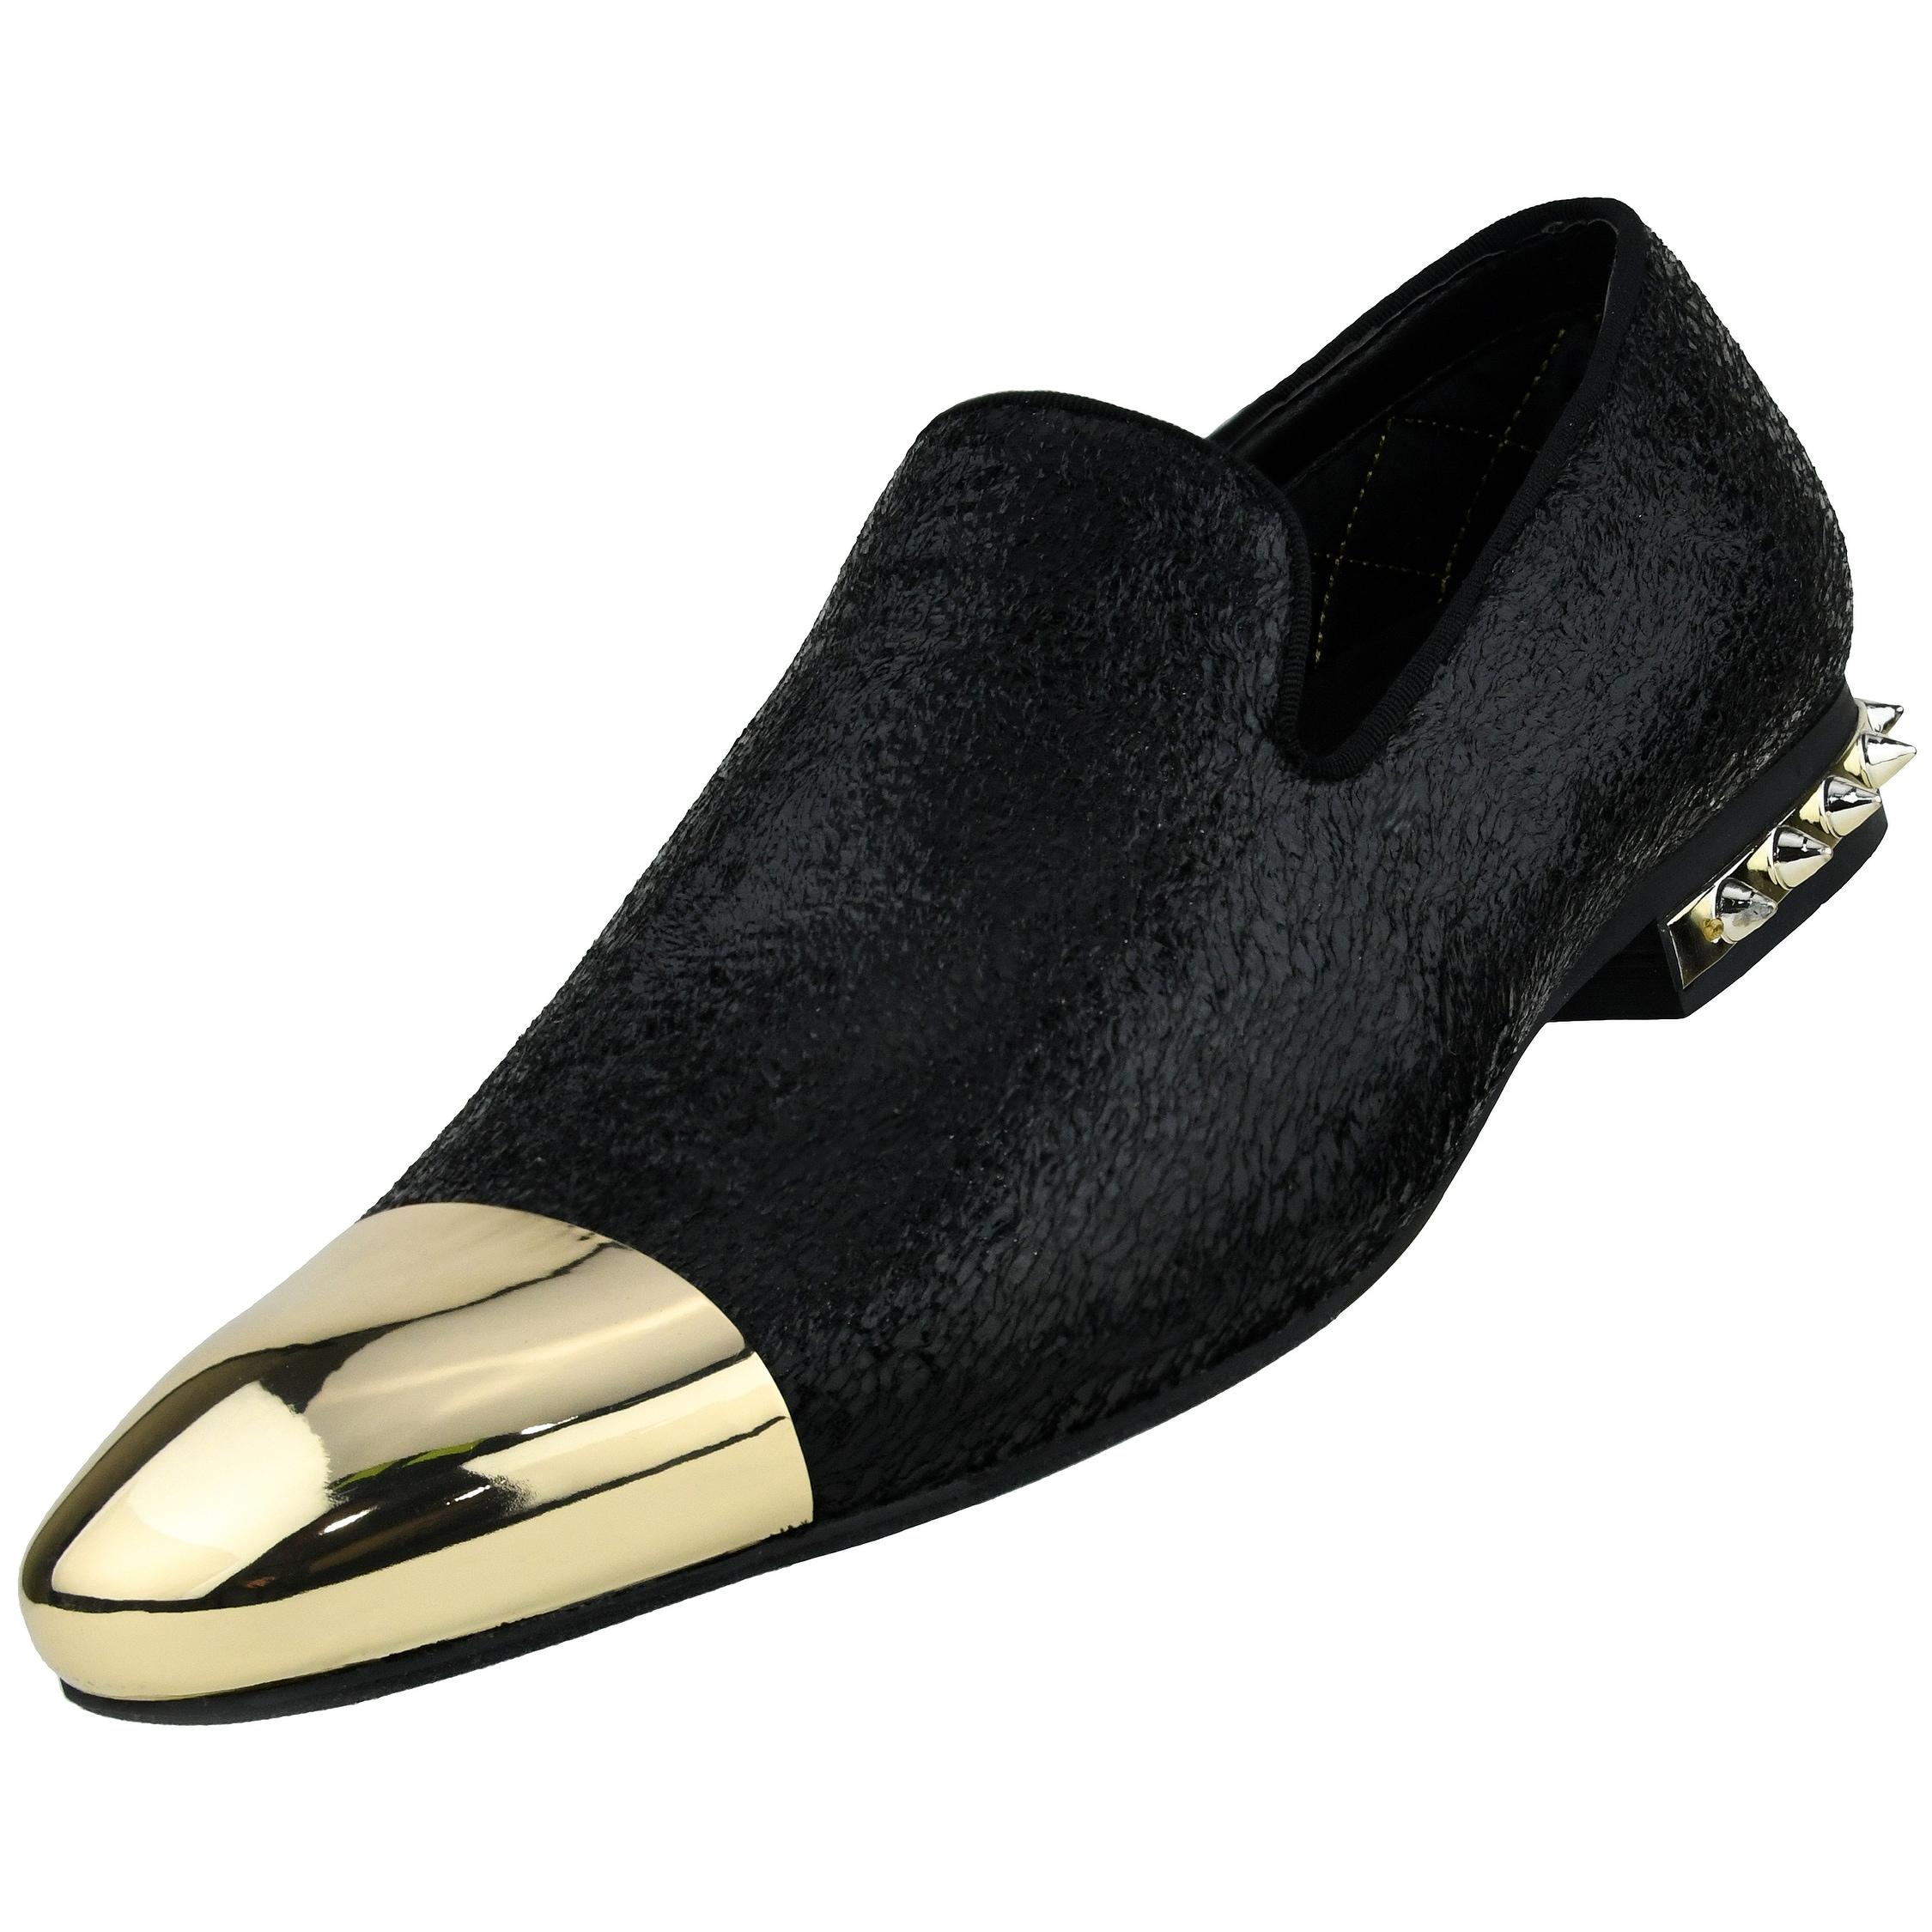 673c8615f62 Buy Men s Slippers Online at Overstock